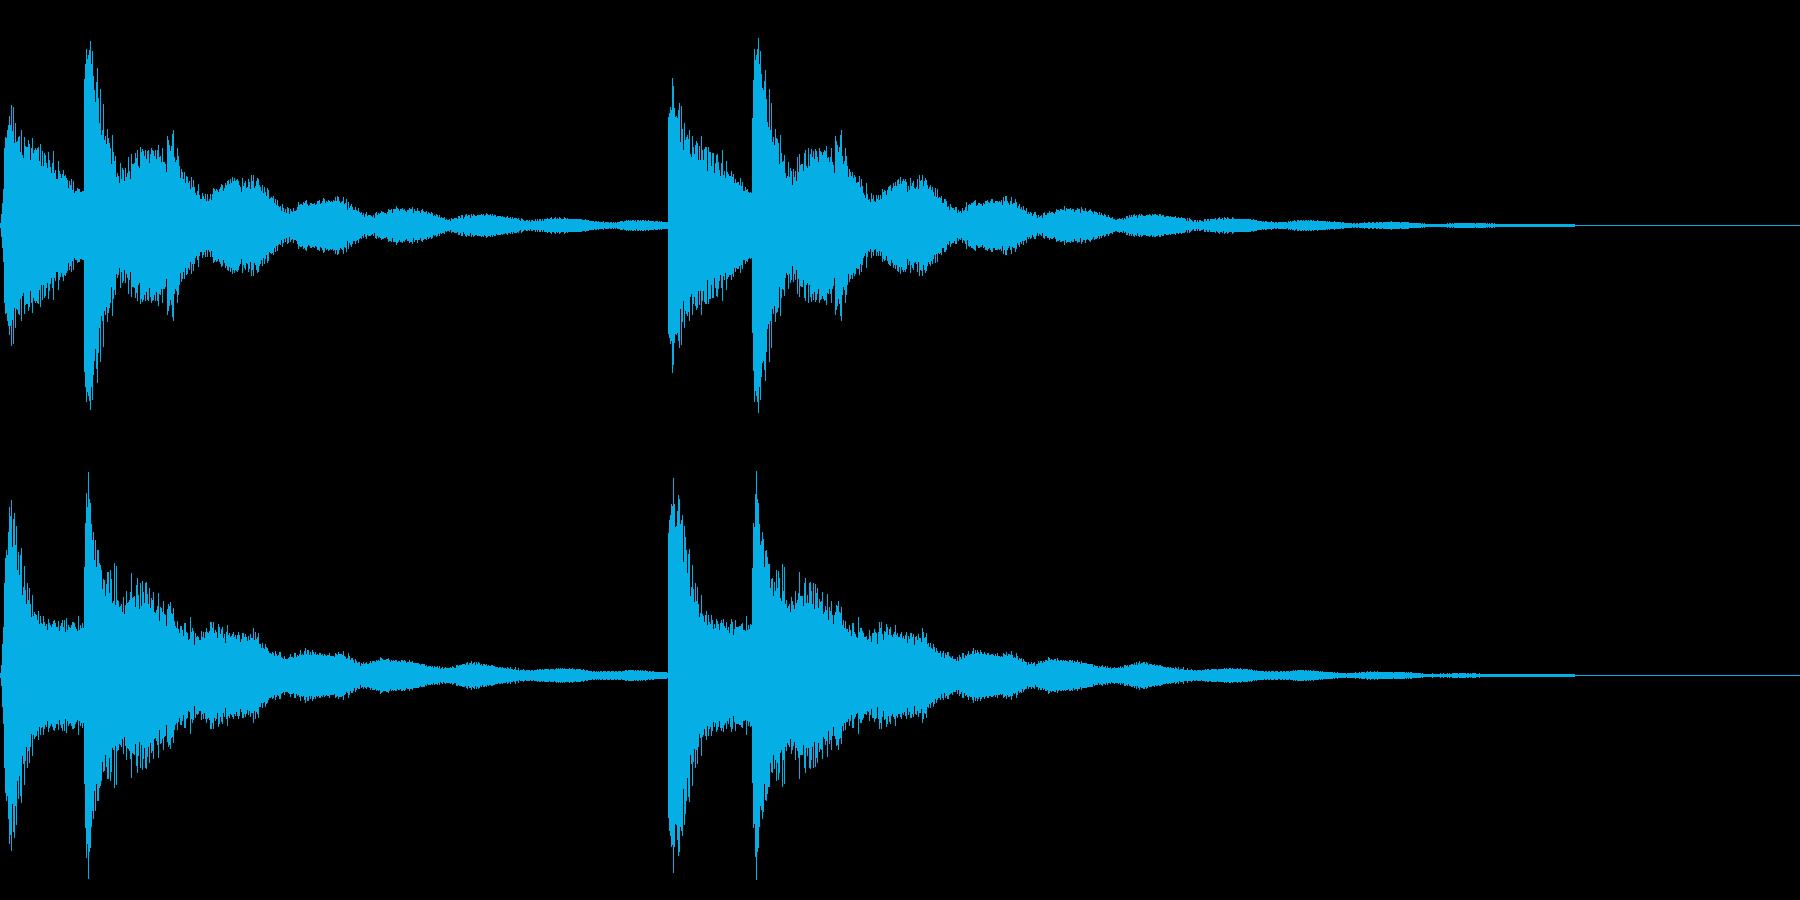 鐘の音色のピンポン~入店音~の再生済みの波形